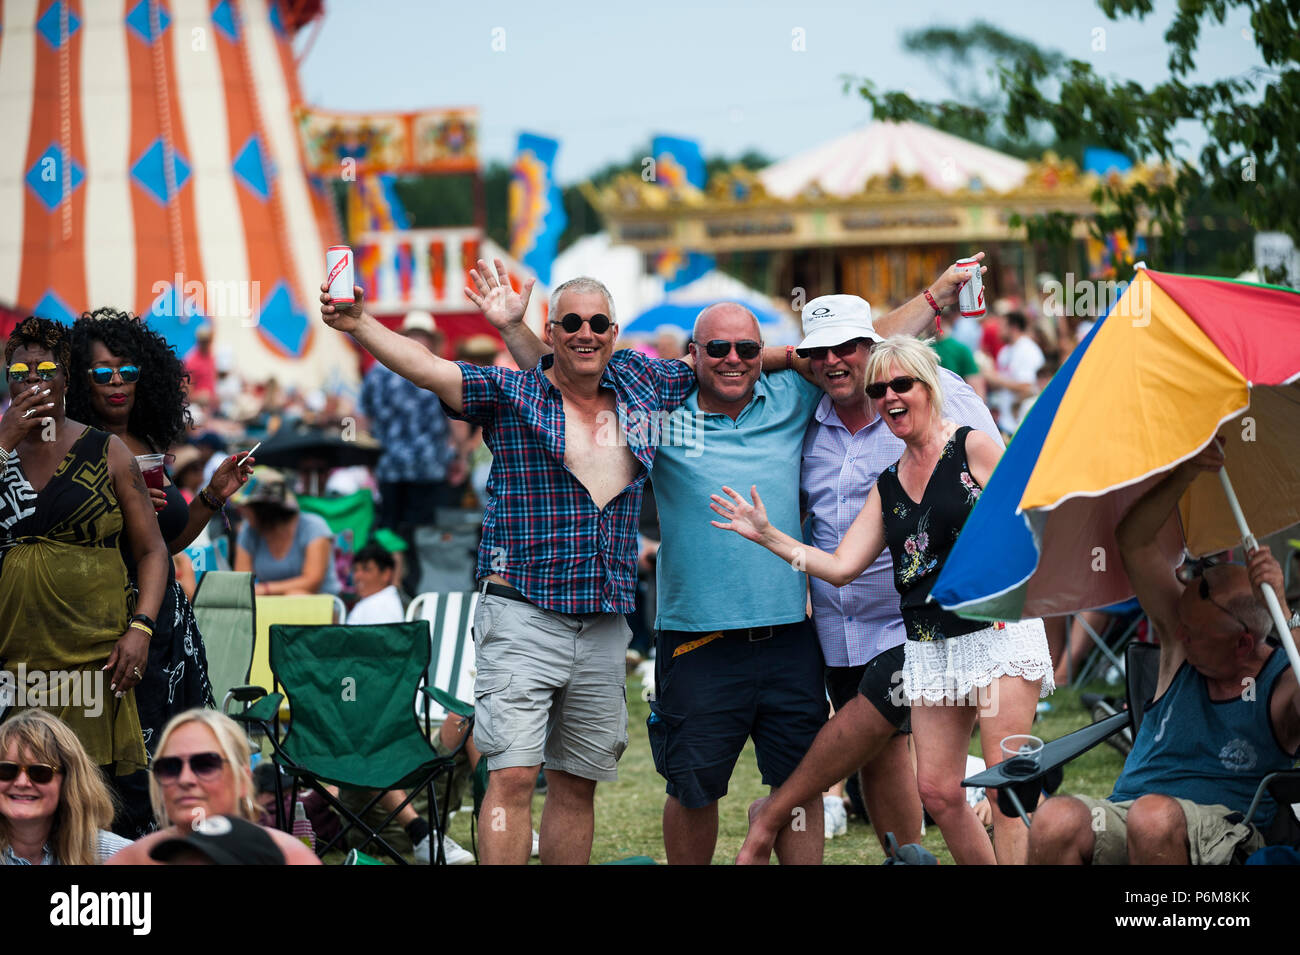 Glynde, East Sussex, 1 luglio 2018. I frequentatori del festival godetevi un altro caldo bruciante e giorno umido a Glynde luogo nella suggestiva cornice della South Downs, per l'ultima giornata di amore supremo del sesto festival consecutivi. Credito: Francesca Moore/Alamy Newscolo Live Immagini Stock